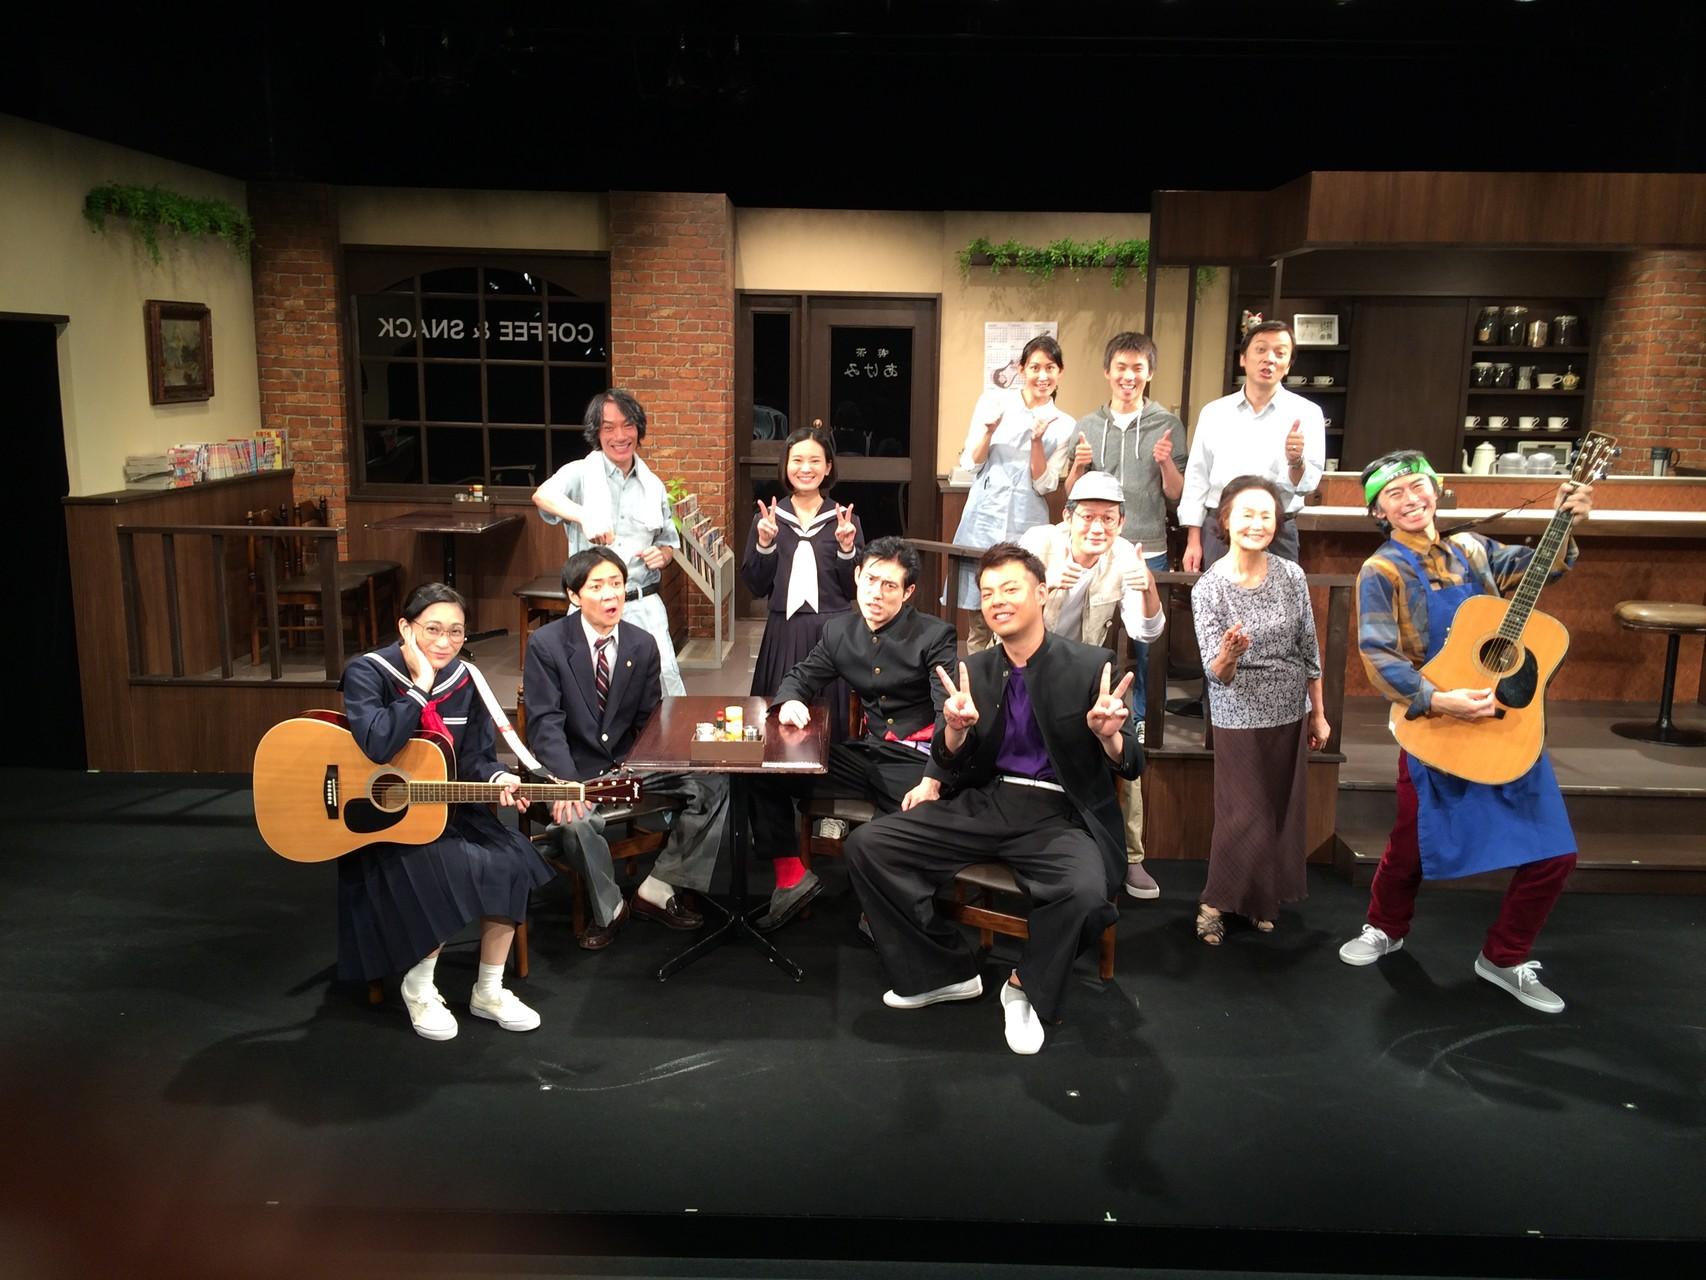 第22回公演『硝子の途』 池袋・シアターグリーンBOX in BOX THEATER